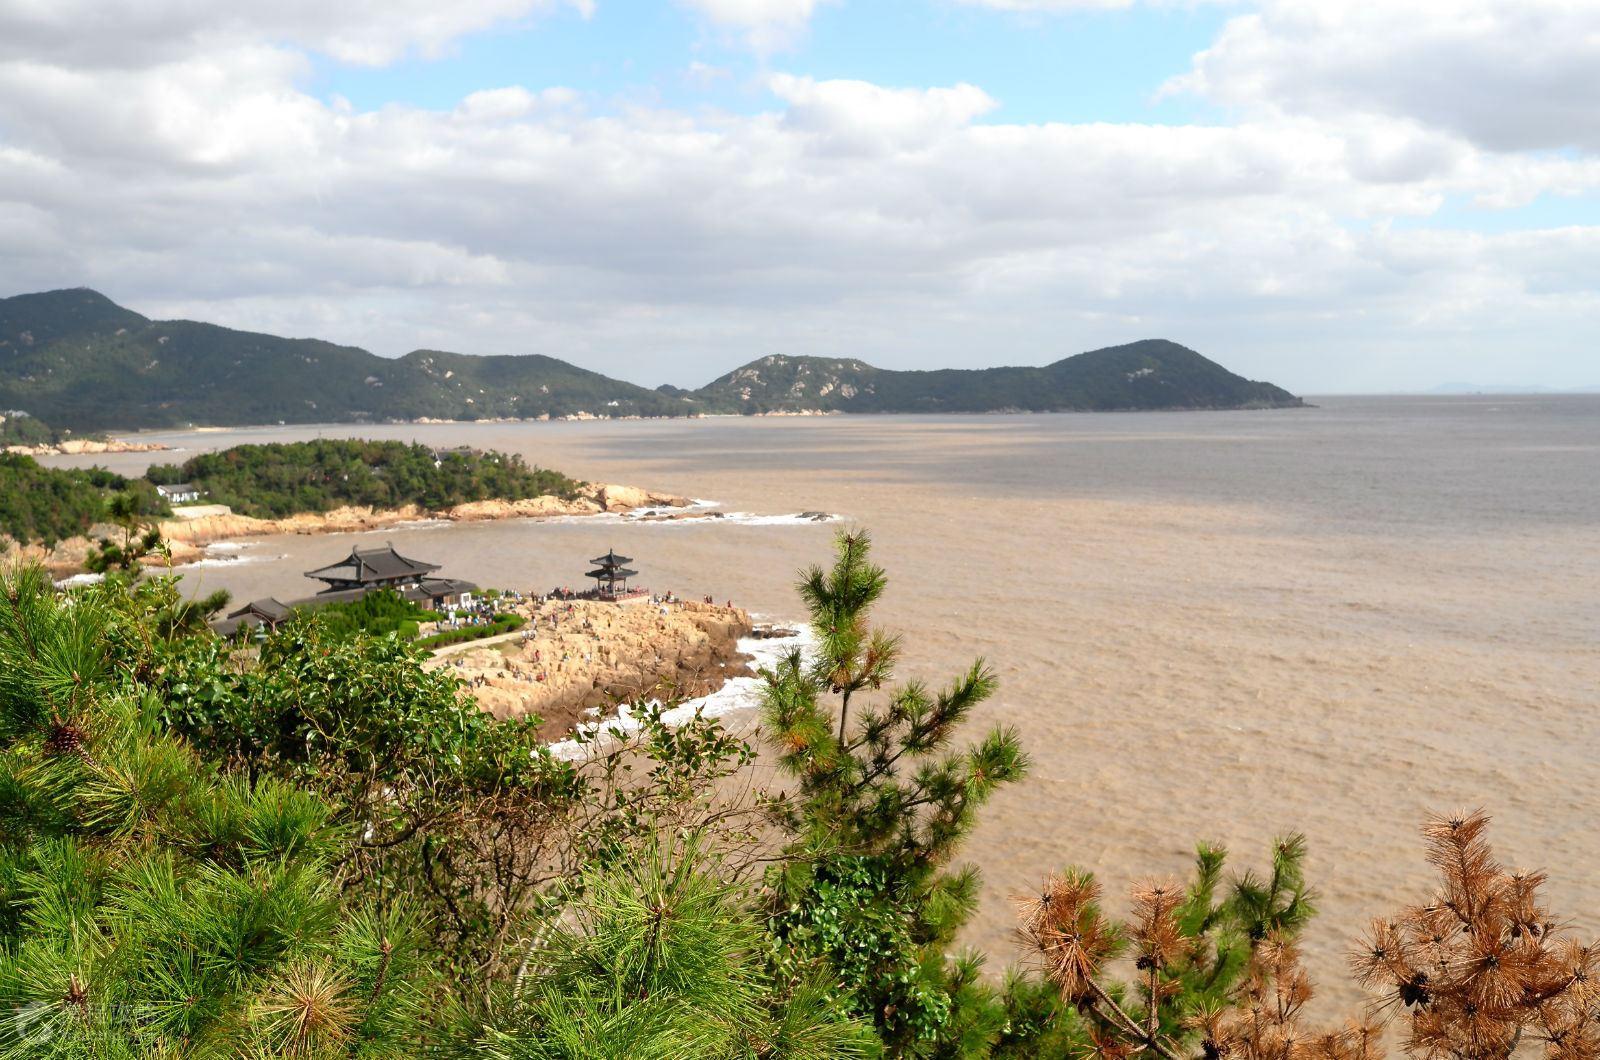 普陀山不仅遍地佛踪,还拥有作为海滨城市的最大特色:沙滩和海鲜,岛